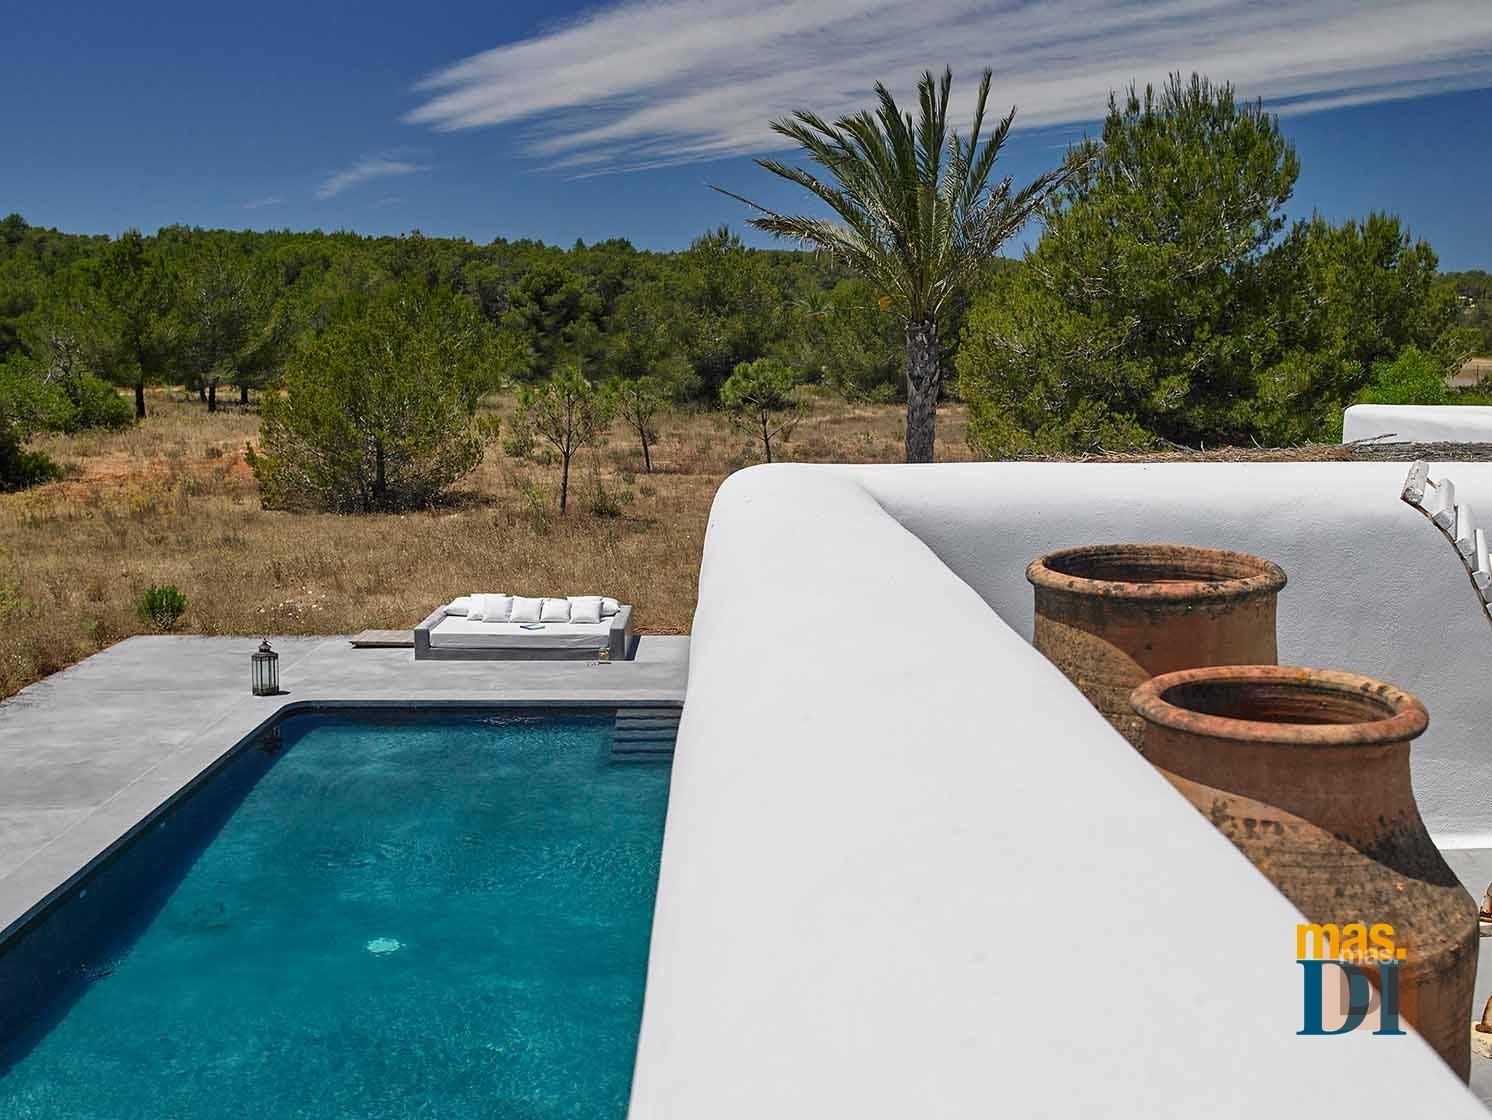 C mo tener una piscina m s sostenible y econ mica categor a for Cantidad de sal para piscinas